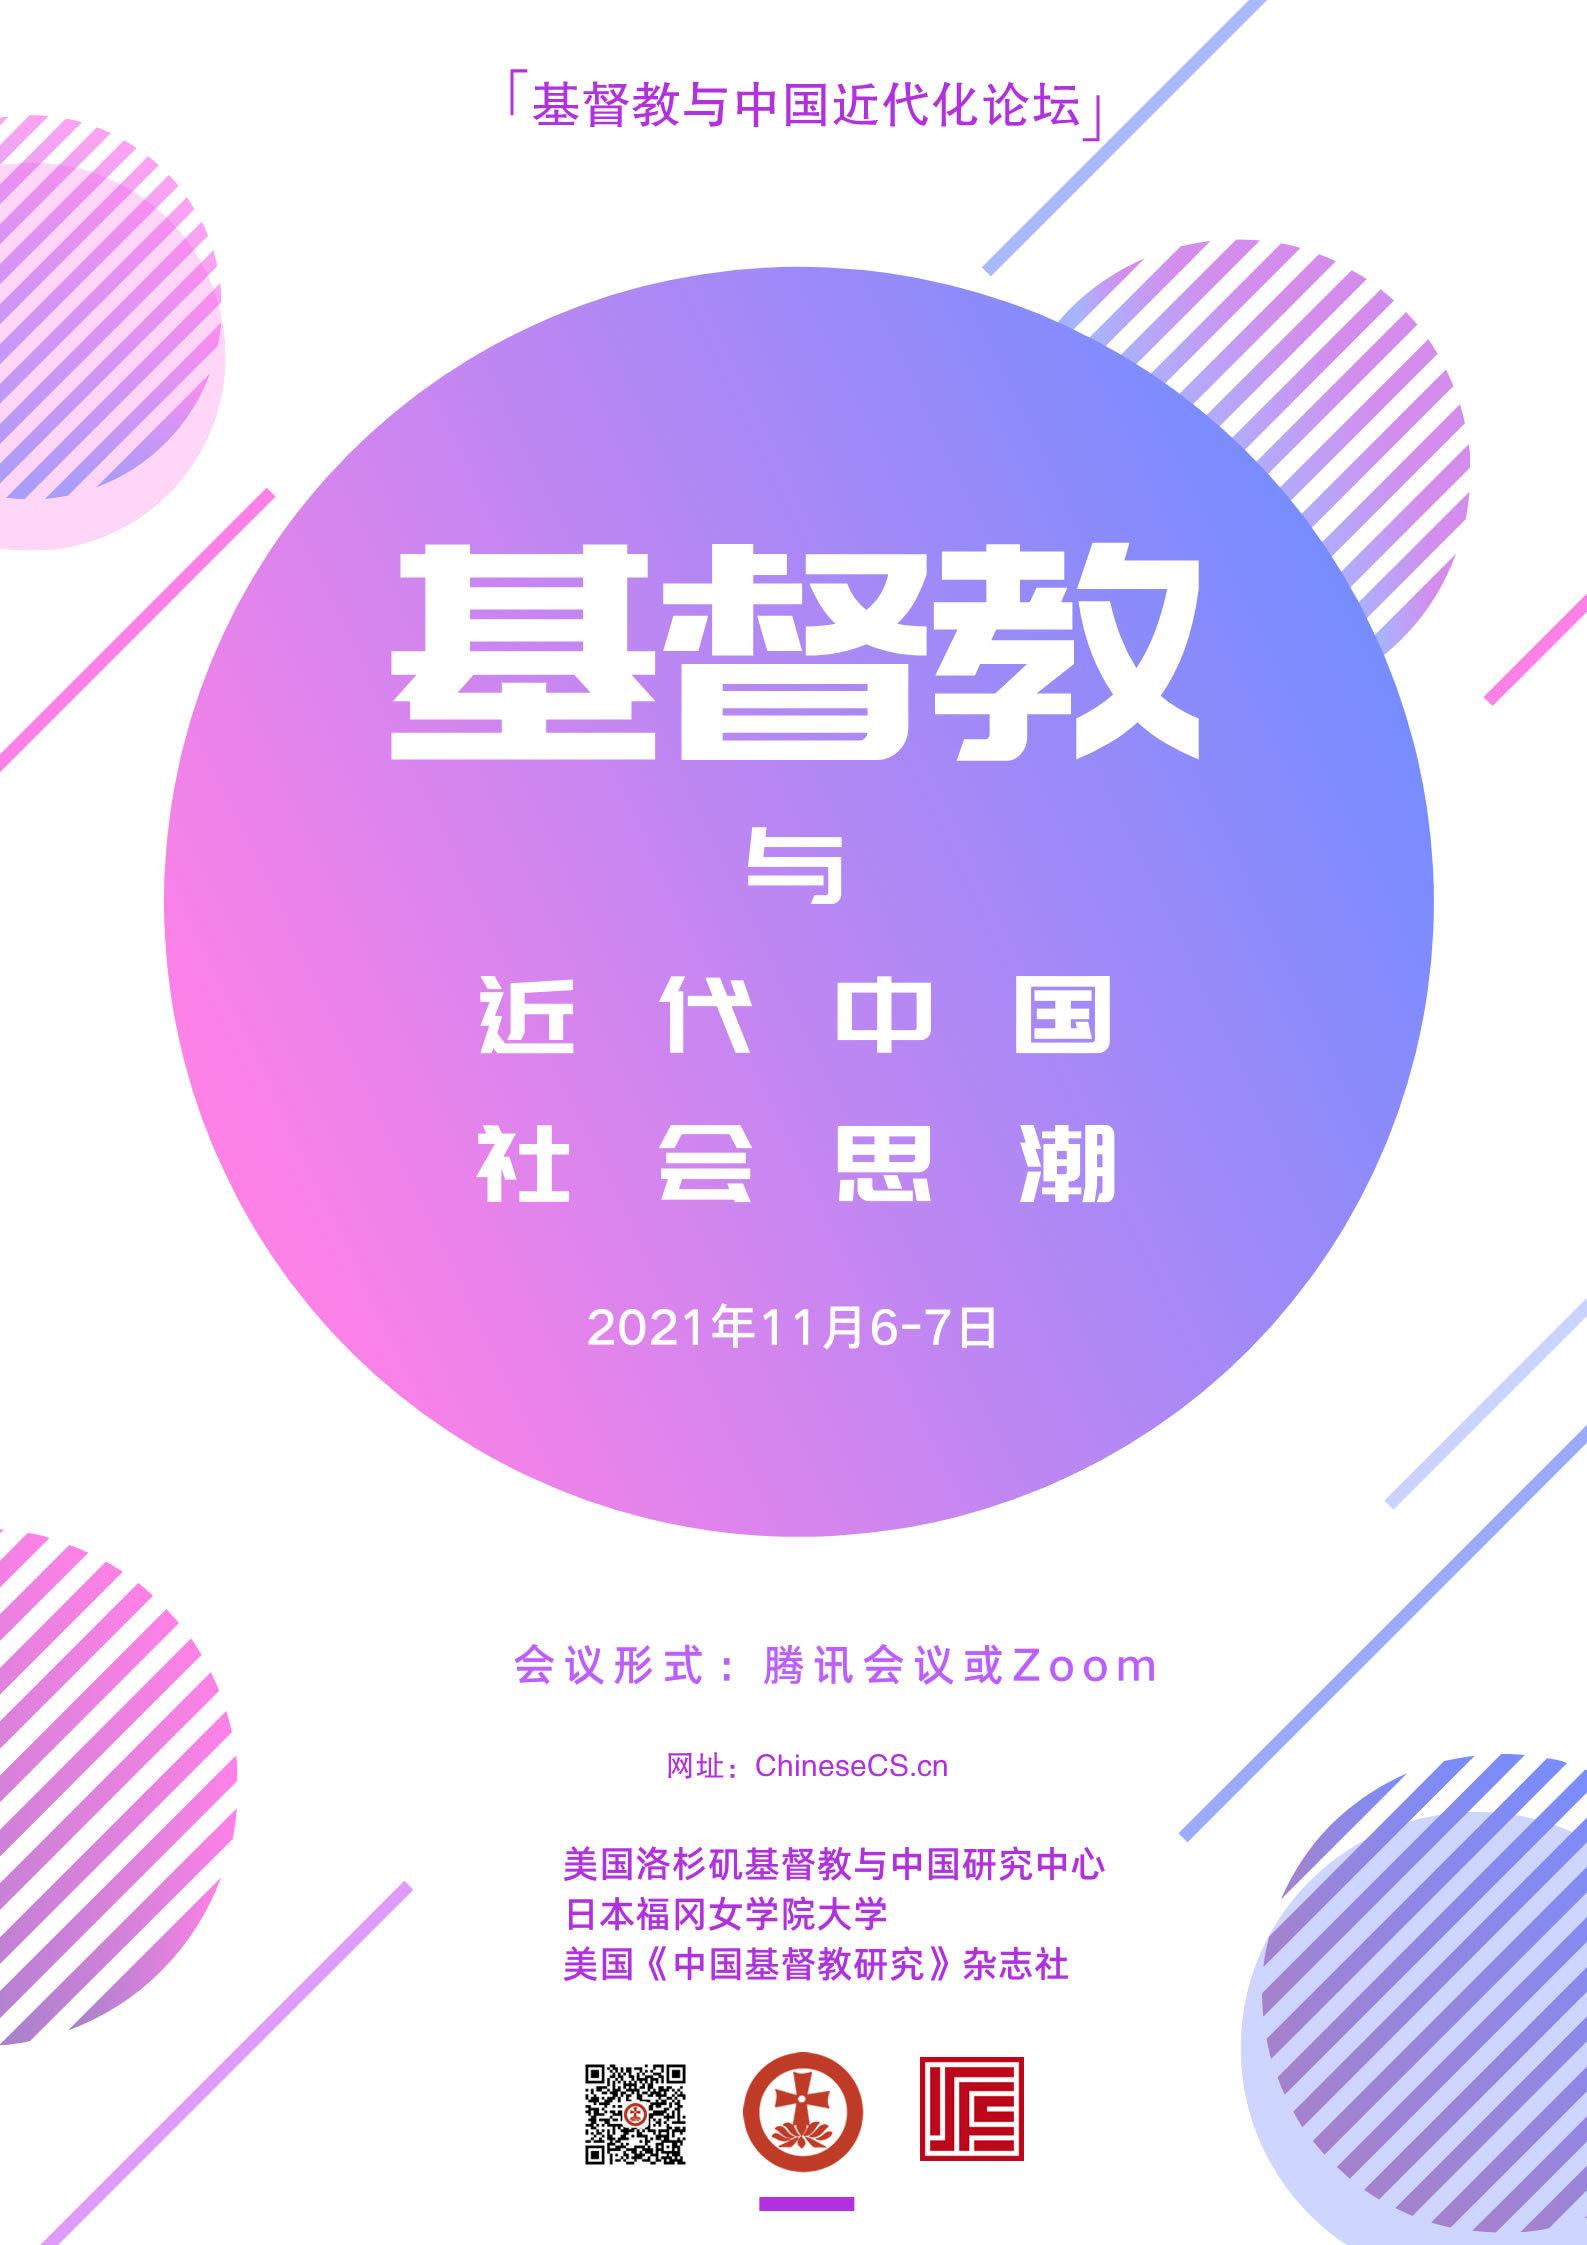 基督教与近代中国社会思潮学术会议通知(2021年8月28日更新)